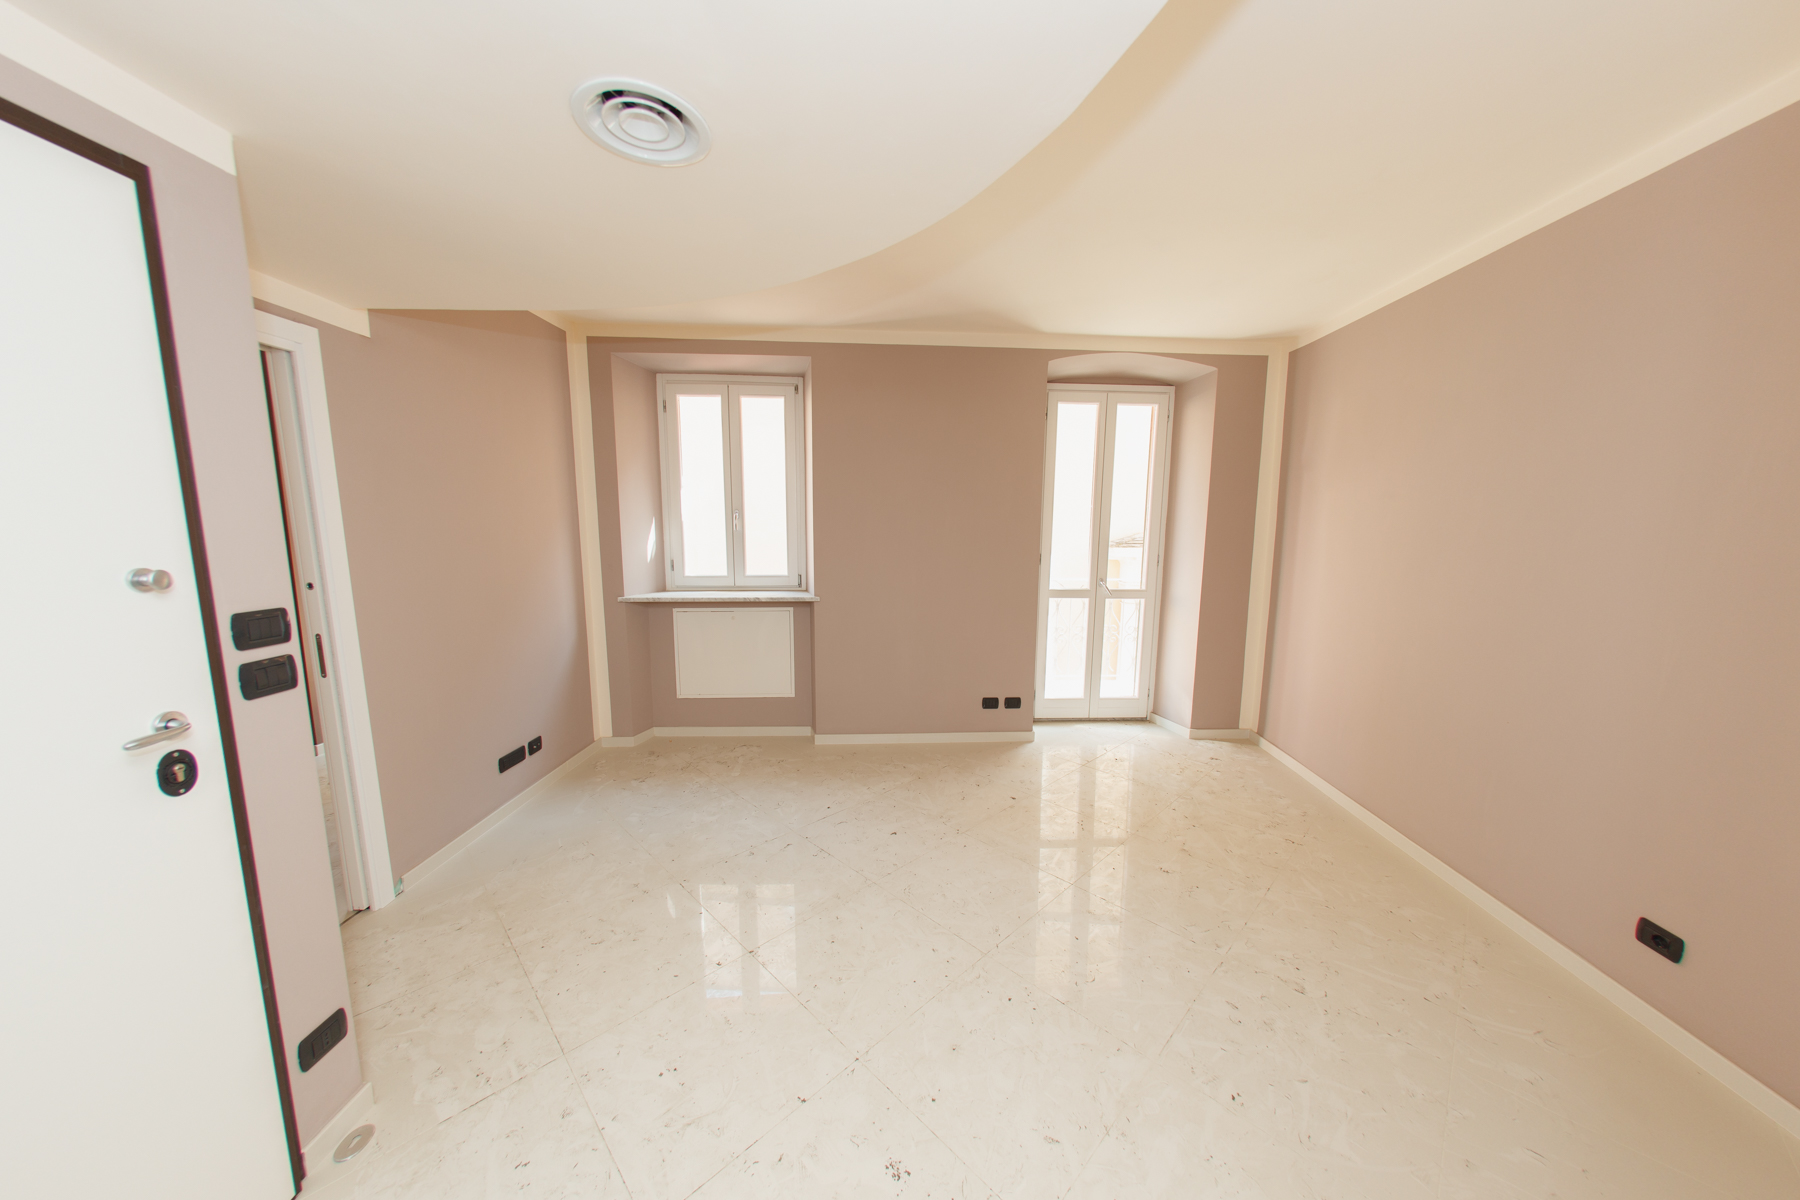 Appartamento in Vendita a Diano Marina: 2 locali, 52 mq - Foto 3